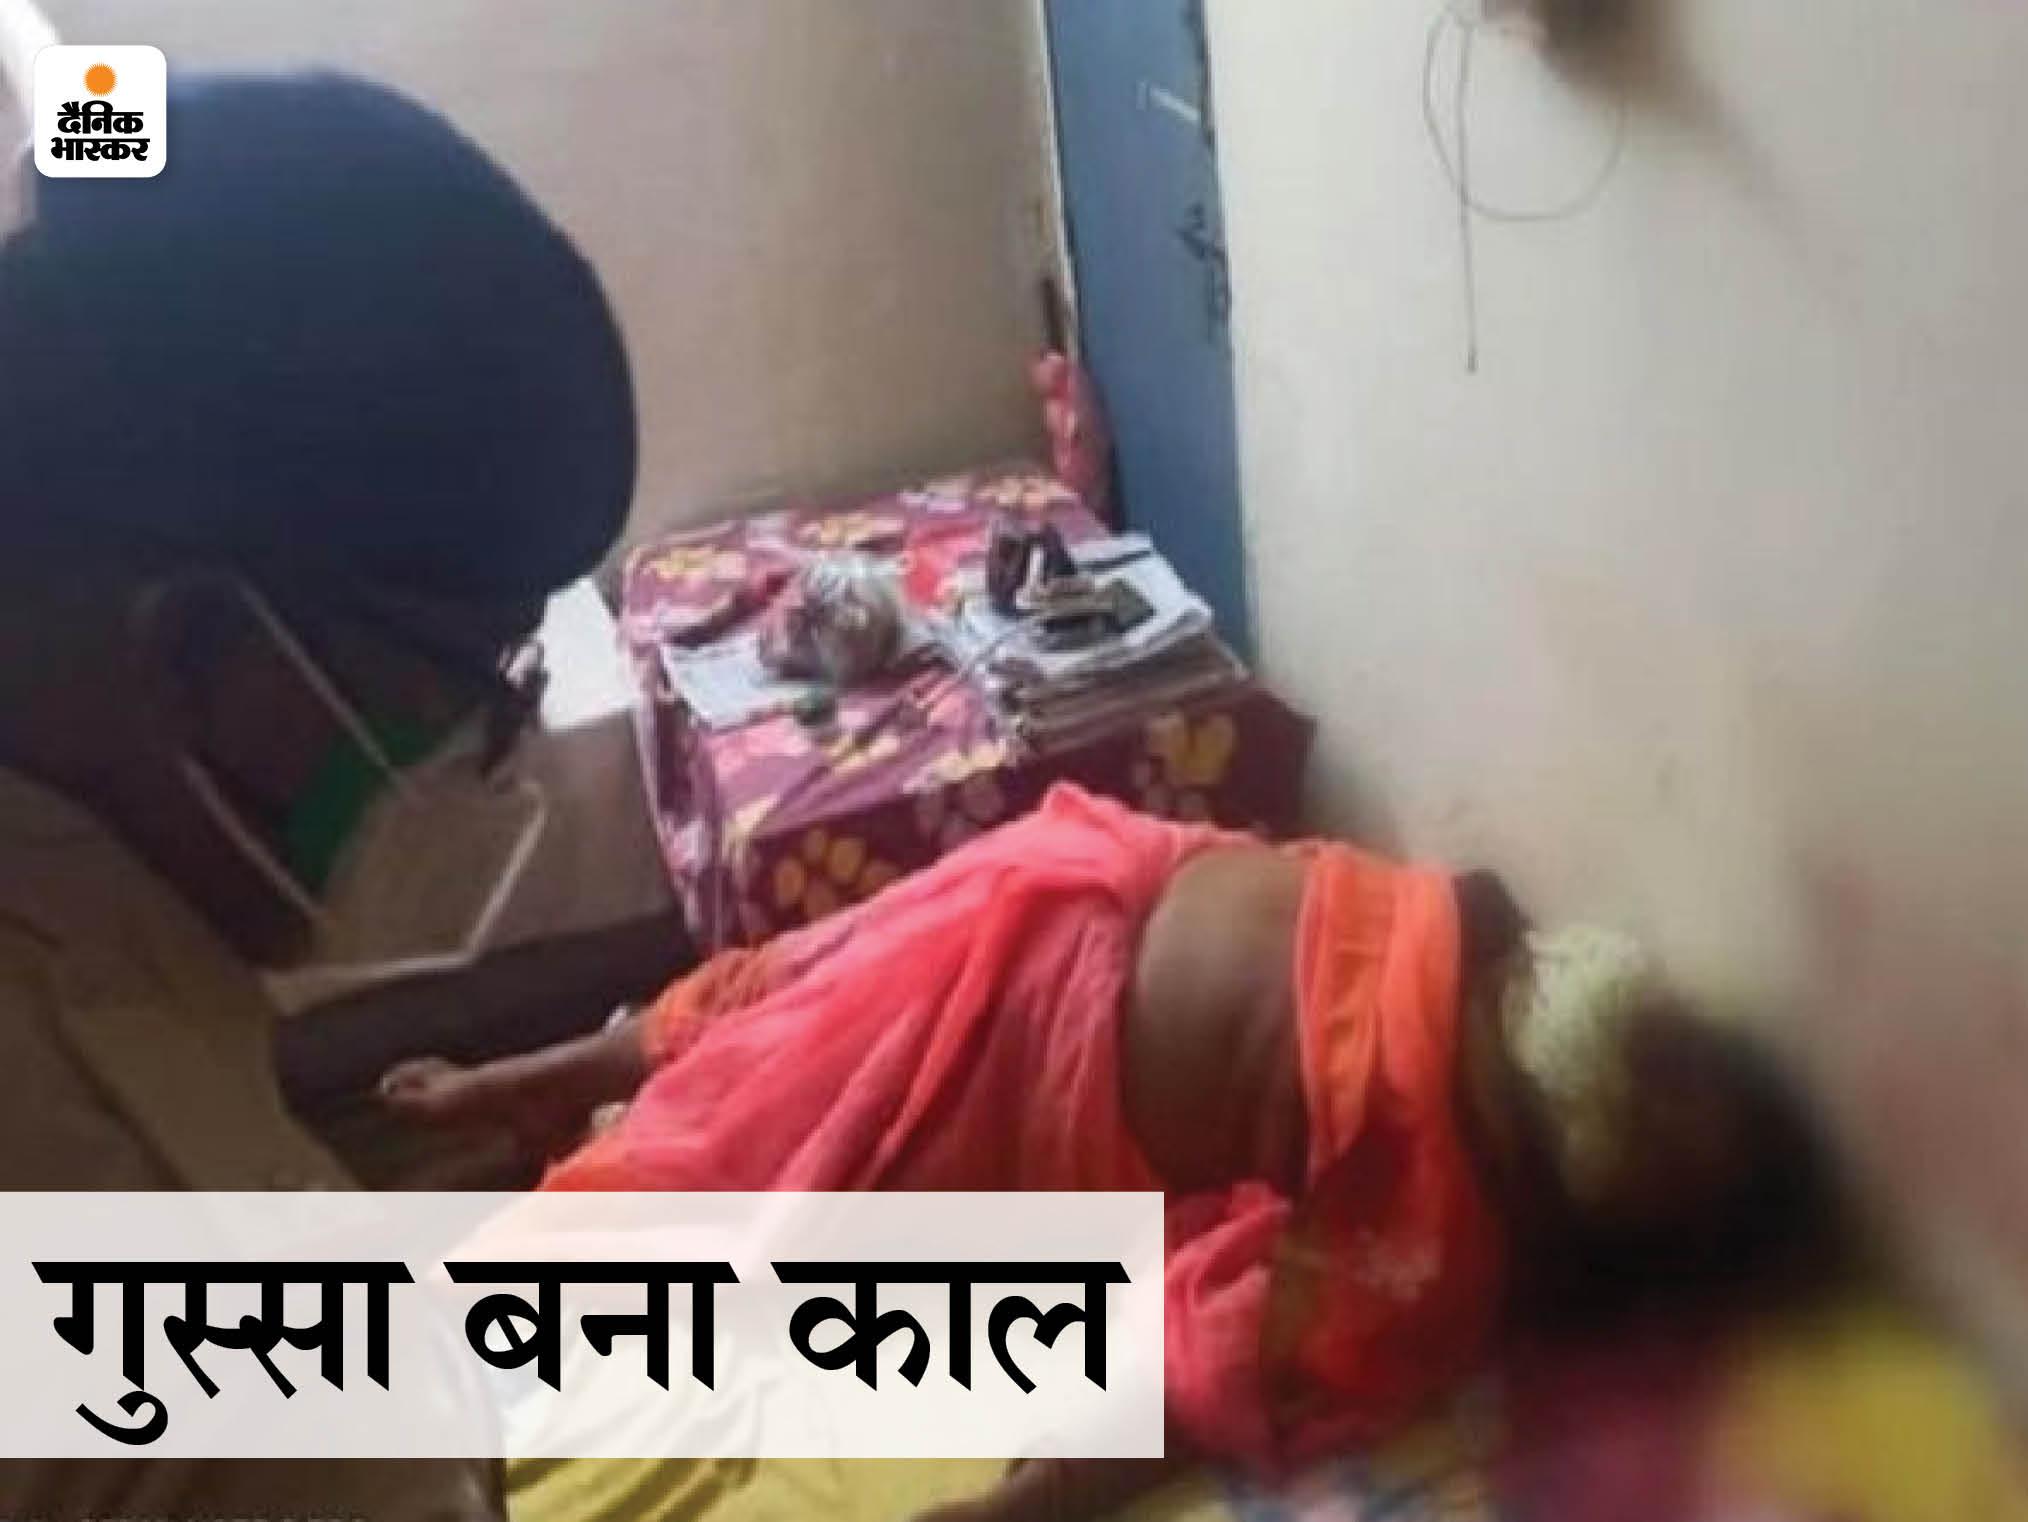 मोबाइल को लेकर दंपती में हुआ था विवाद; गुस्से में पत्नी ने फोन तोड़ा, गुस्साए पति ने सिर पर वार कर ले ली जान बालोद,Balod - Dainik Bhaskar